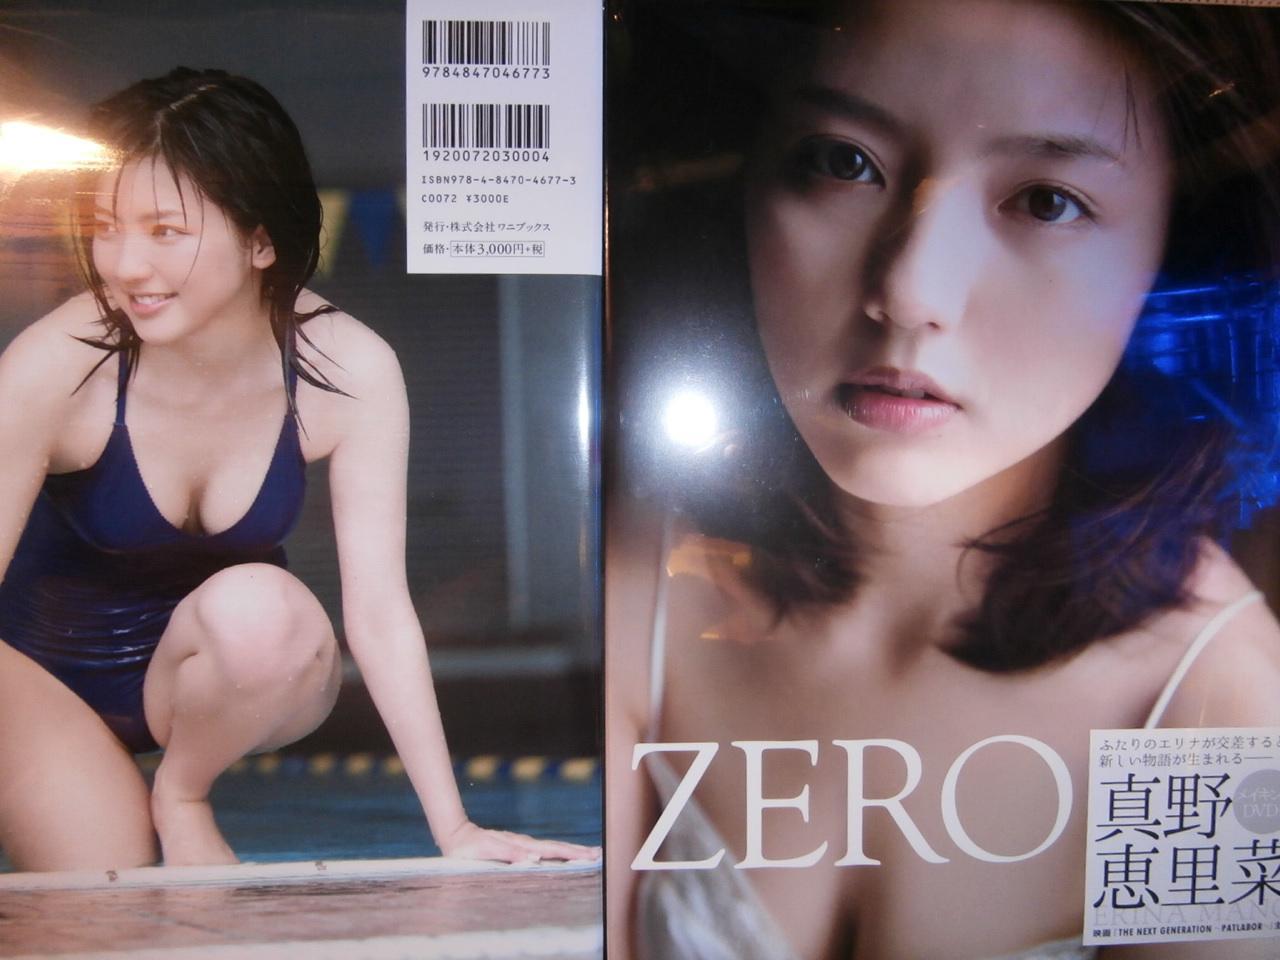 真野恵里菜の写真集「ZERO」の表紙と裏表紙